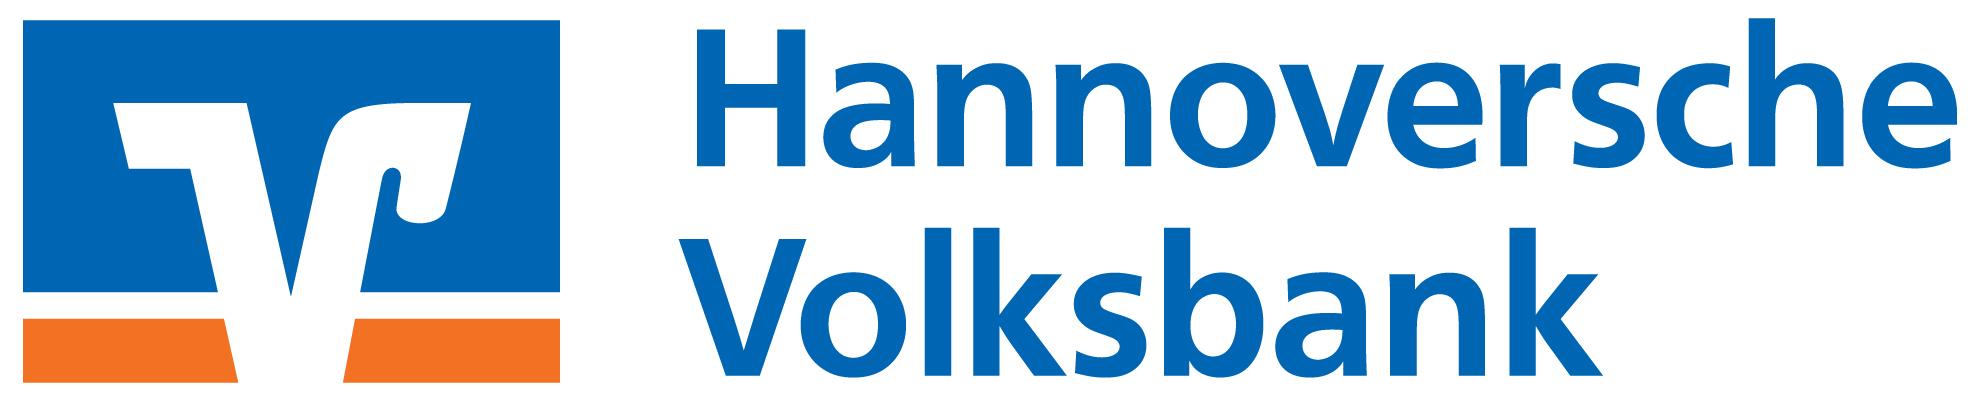 Hannoversche Volksbank eG BeratungsCenter Wettbergen